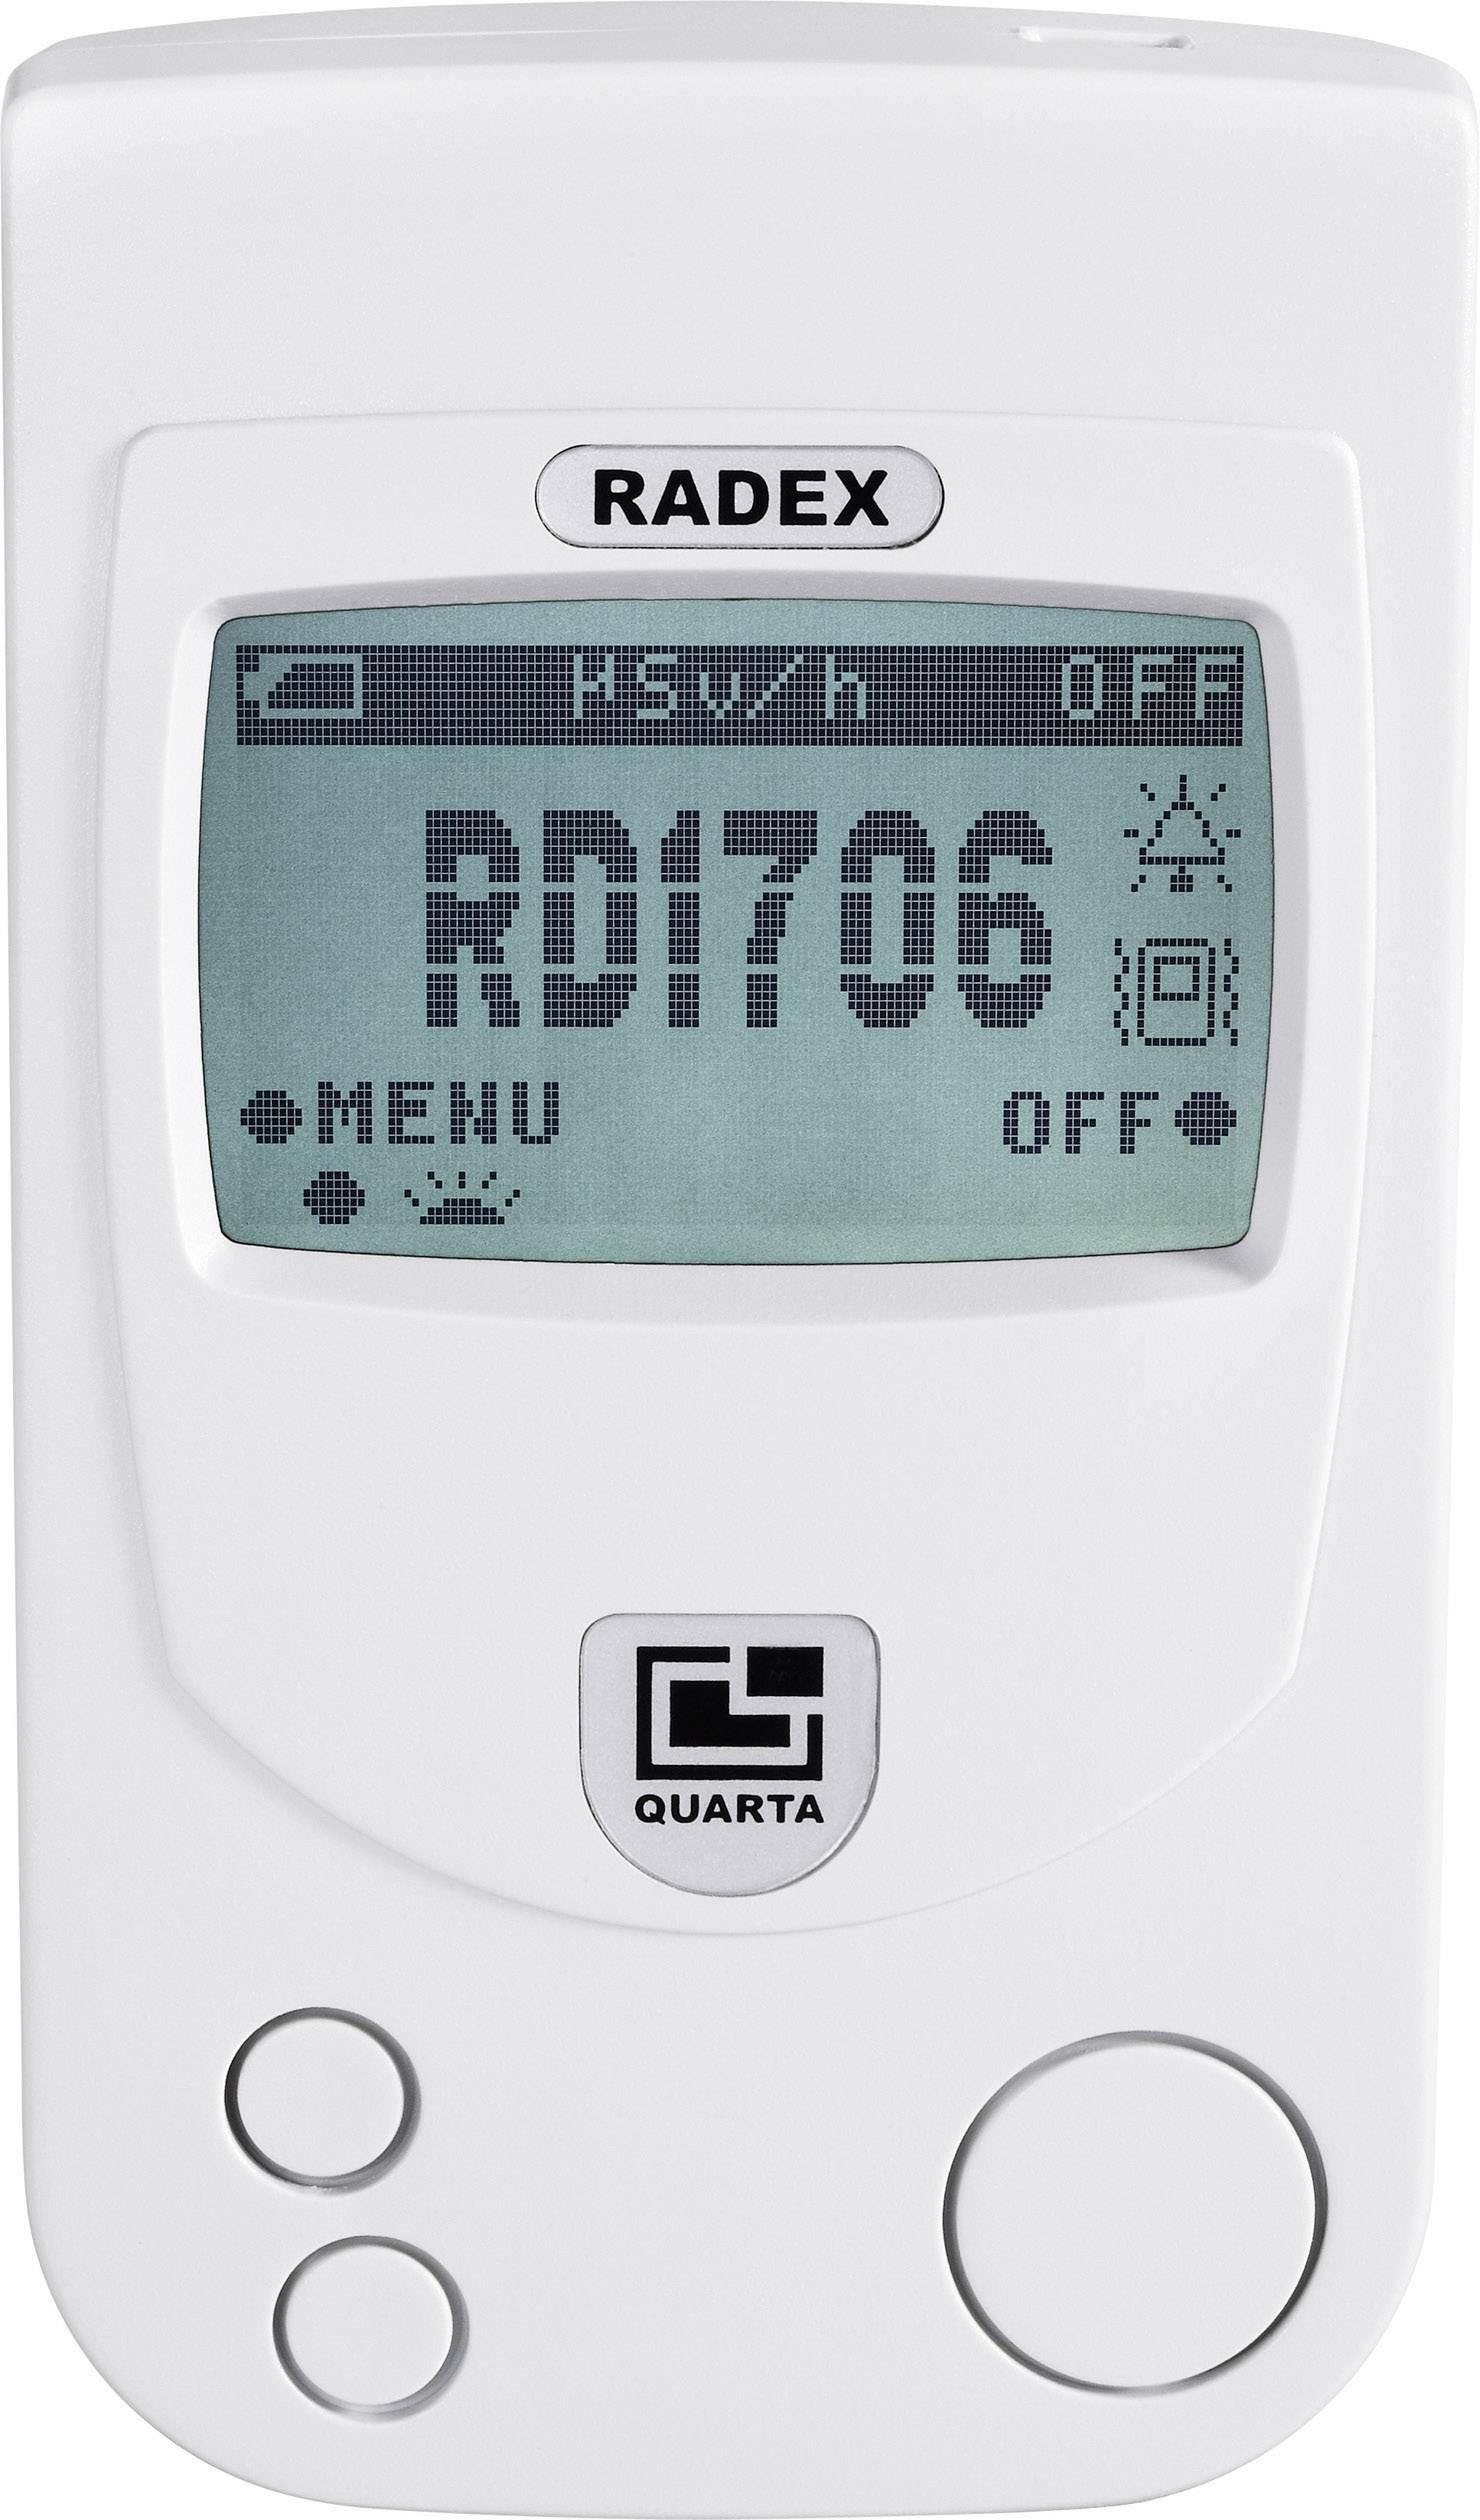 Geigerov čítač pre kontrolu rádioaktivity Radex 1706